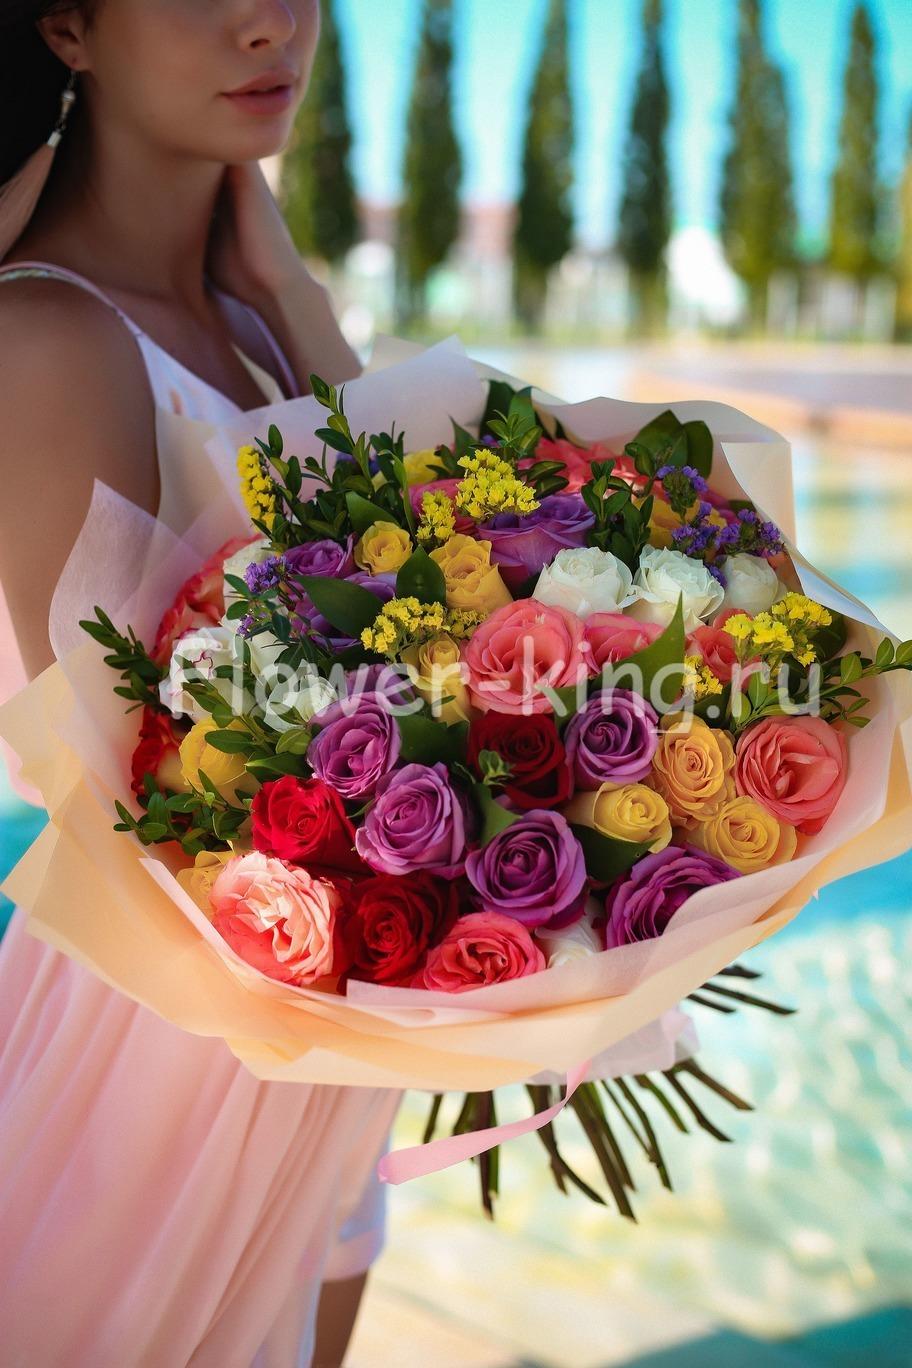 Доставка цветов калуга круглосуточная екатеринбург, букетов